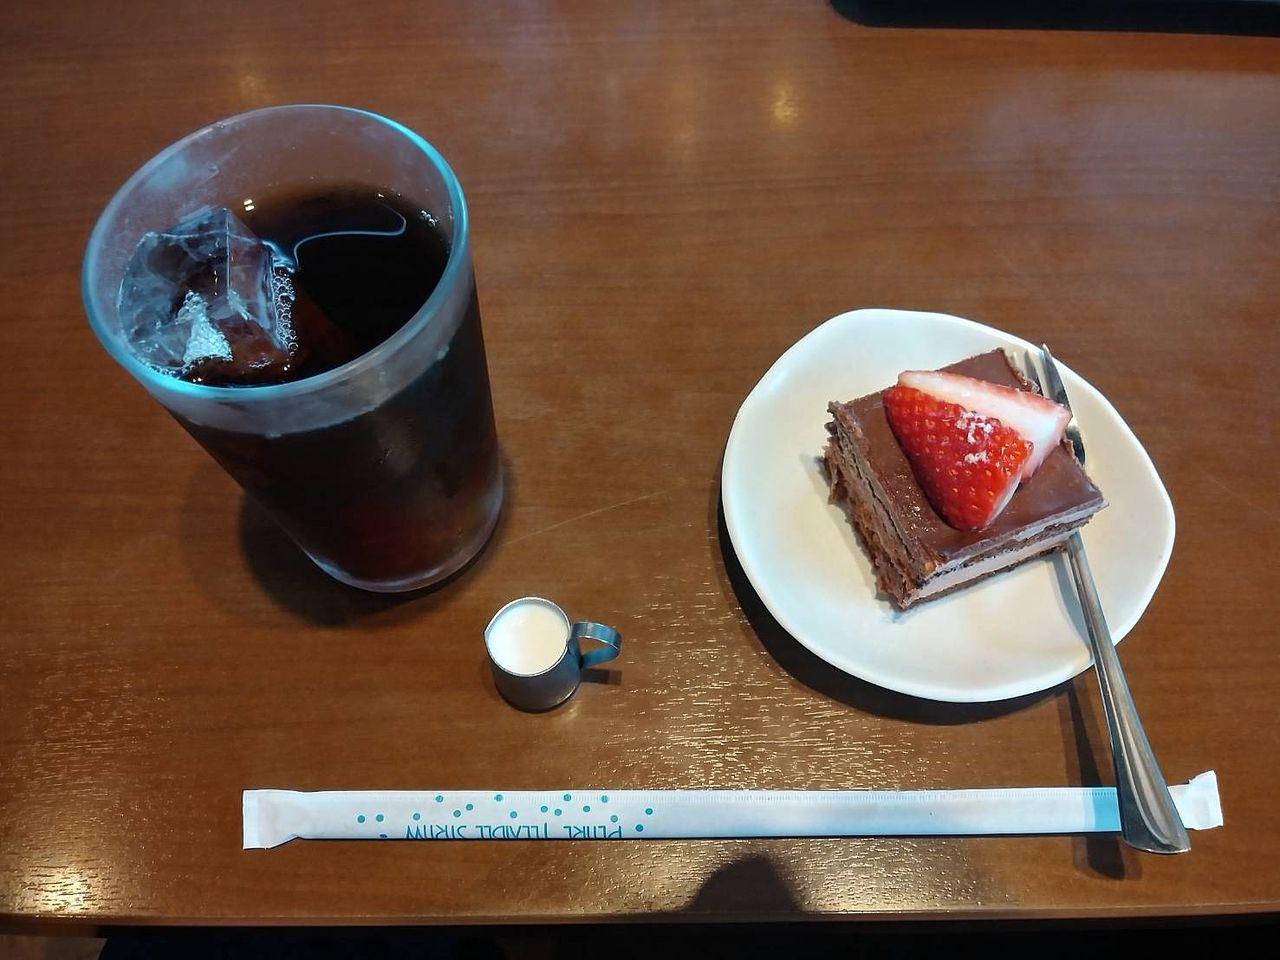 このサイズのケーキなら、おじさんにも大丈夫です。アイスコーヒーのお供としておいしく頂きました。ありがとうございます。